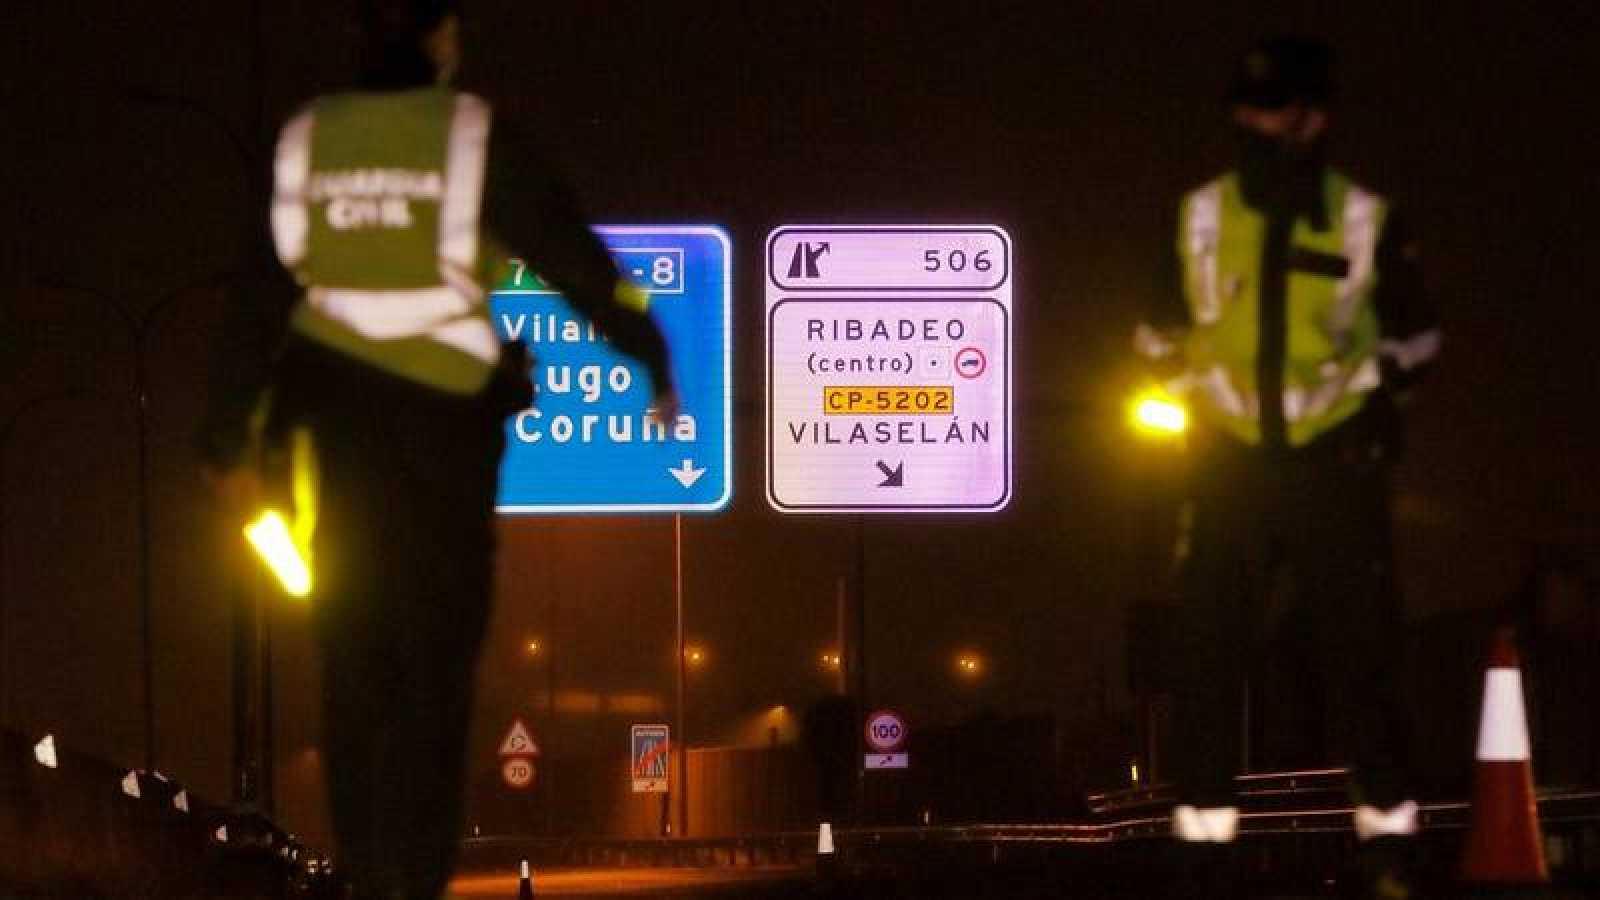 Tres patrullas de la Guardia Civil realizan esta madrugada controles en la Autovía A-8 que comunica con Asturias en Ribadeo (Lugo)